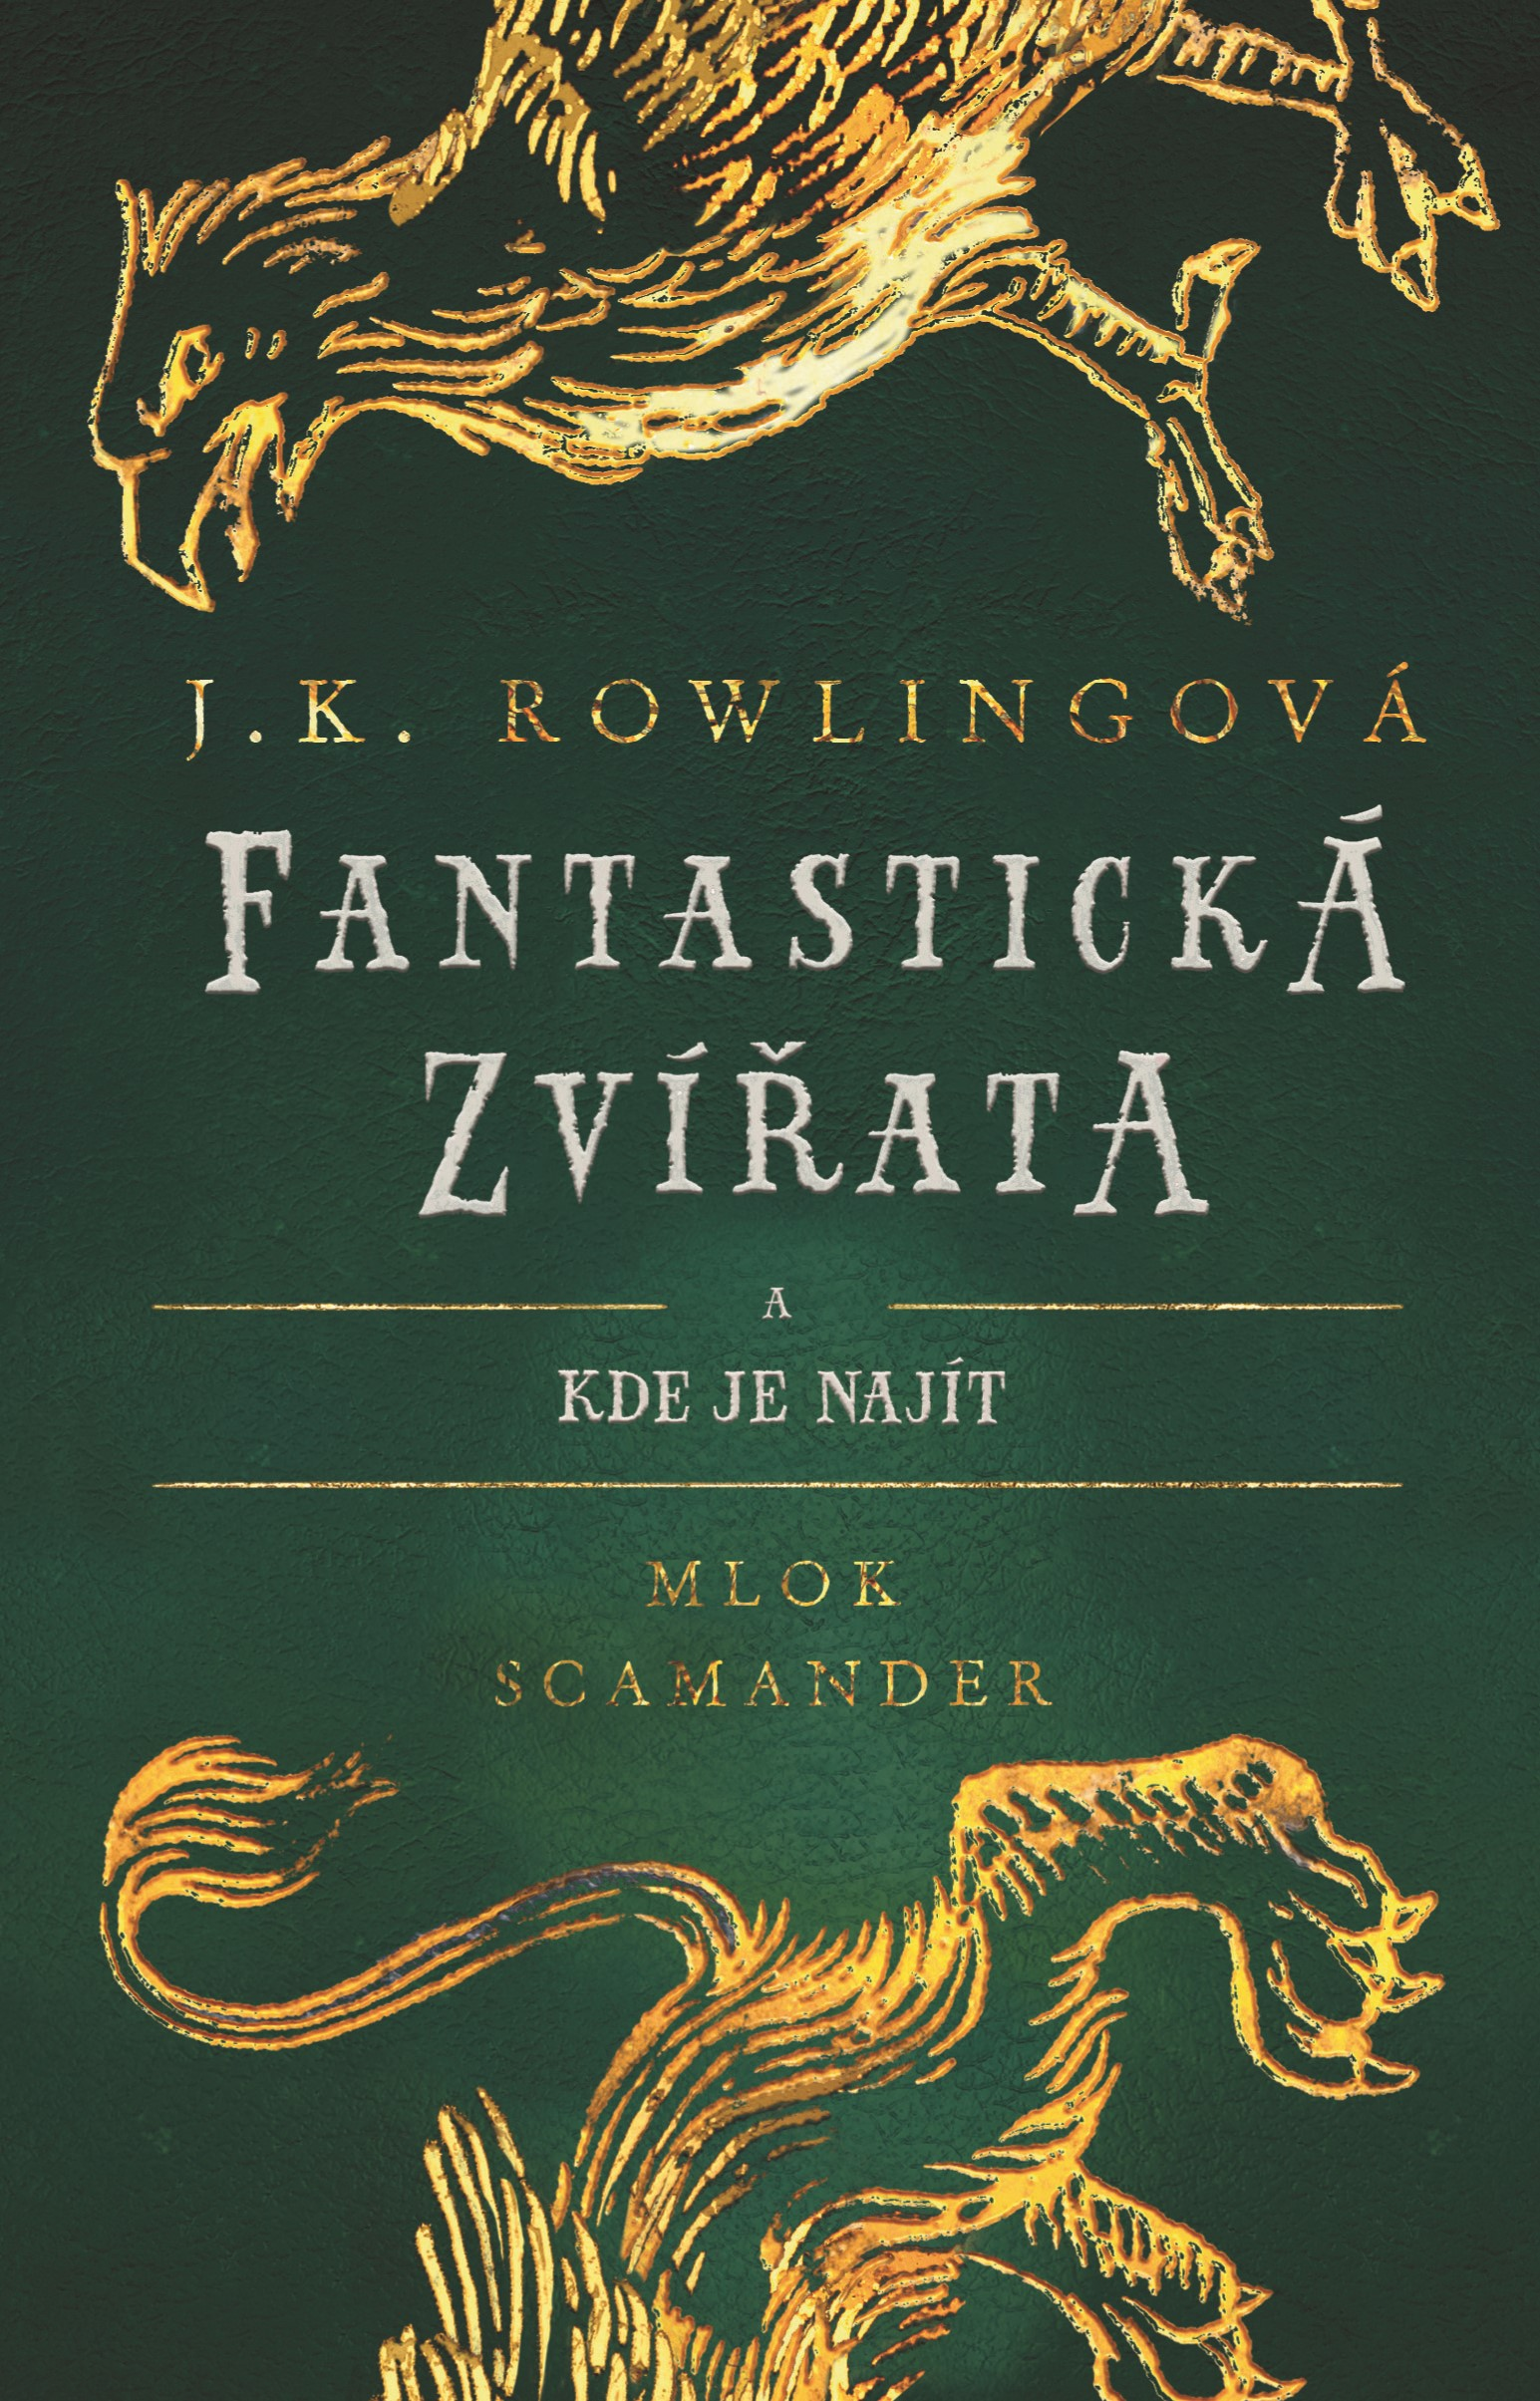 Fantastická zvířata | J. K. Rowlingová